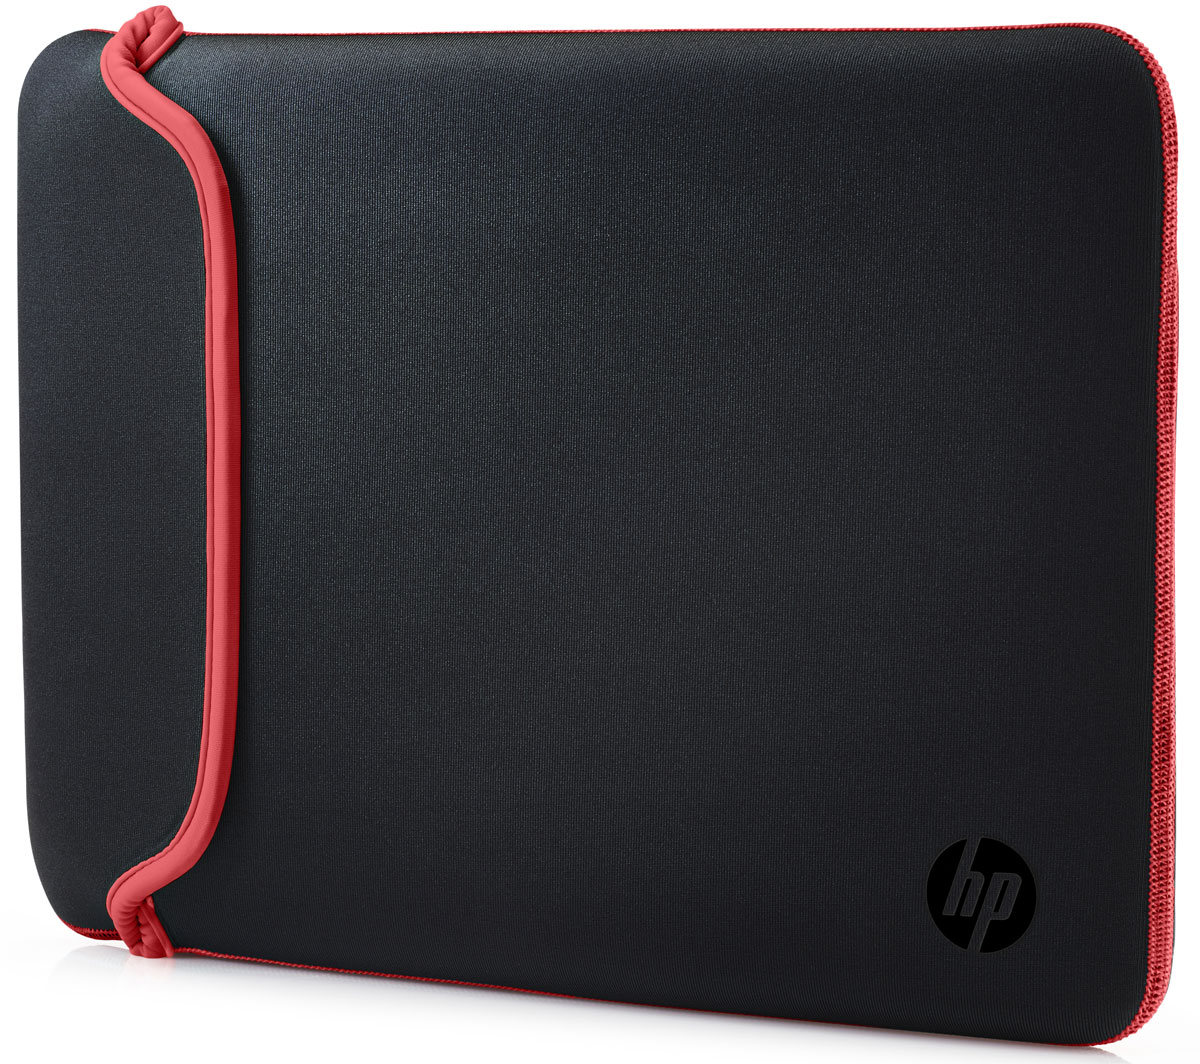 HP Neoprene Sleeve чехол для ноутбука 14, Black Red (V5C26AA)1000398659Поместите свой ноутбук в этот яркий и надежный цветной чехол HP Neoprene Sleeve. Этот прочный неопреновый чехол защищает ваш ПК от внешних воздействий, ударов и царапин. Аксессуар выполнен из двустороннего материала, так что вы в любой момент можете изменить его цвет.